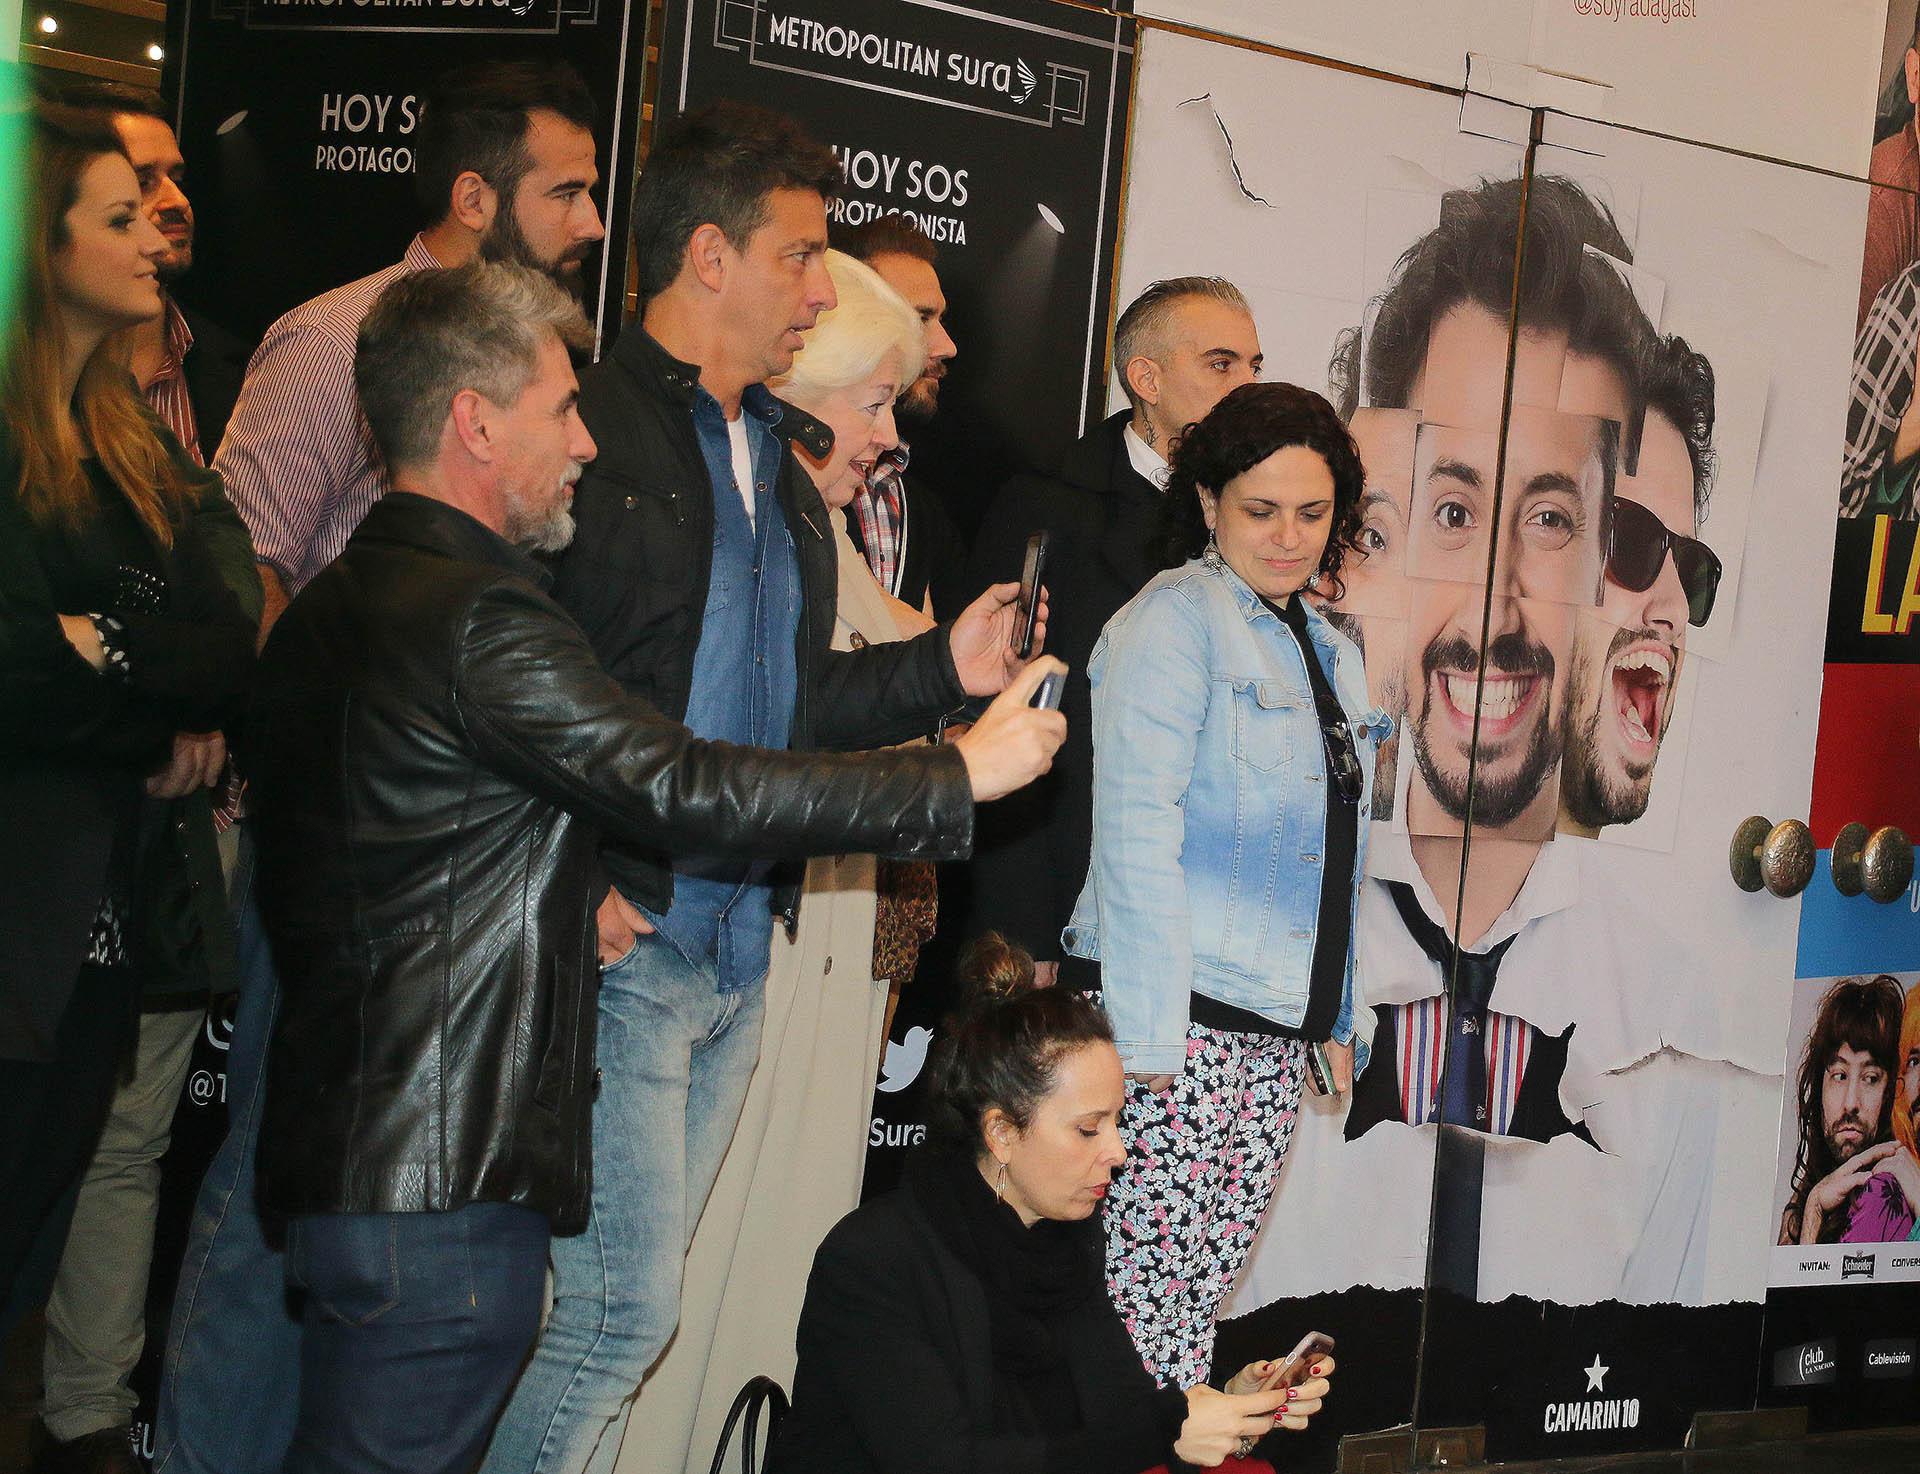 El Chato Prada, El Chino D'Angelo y María Calatayud, la jefa de prensa de Marcelo Tinelli estuvieron presentes